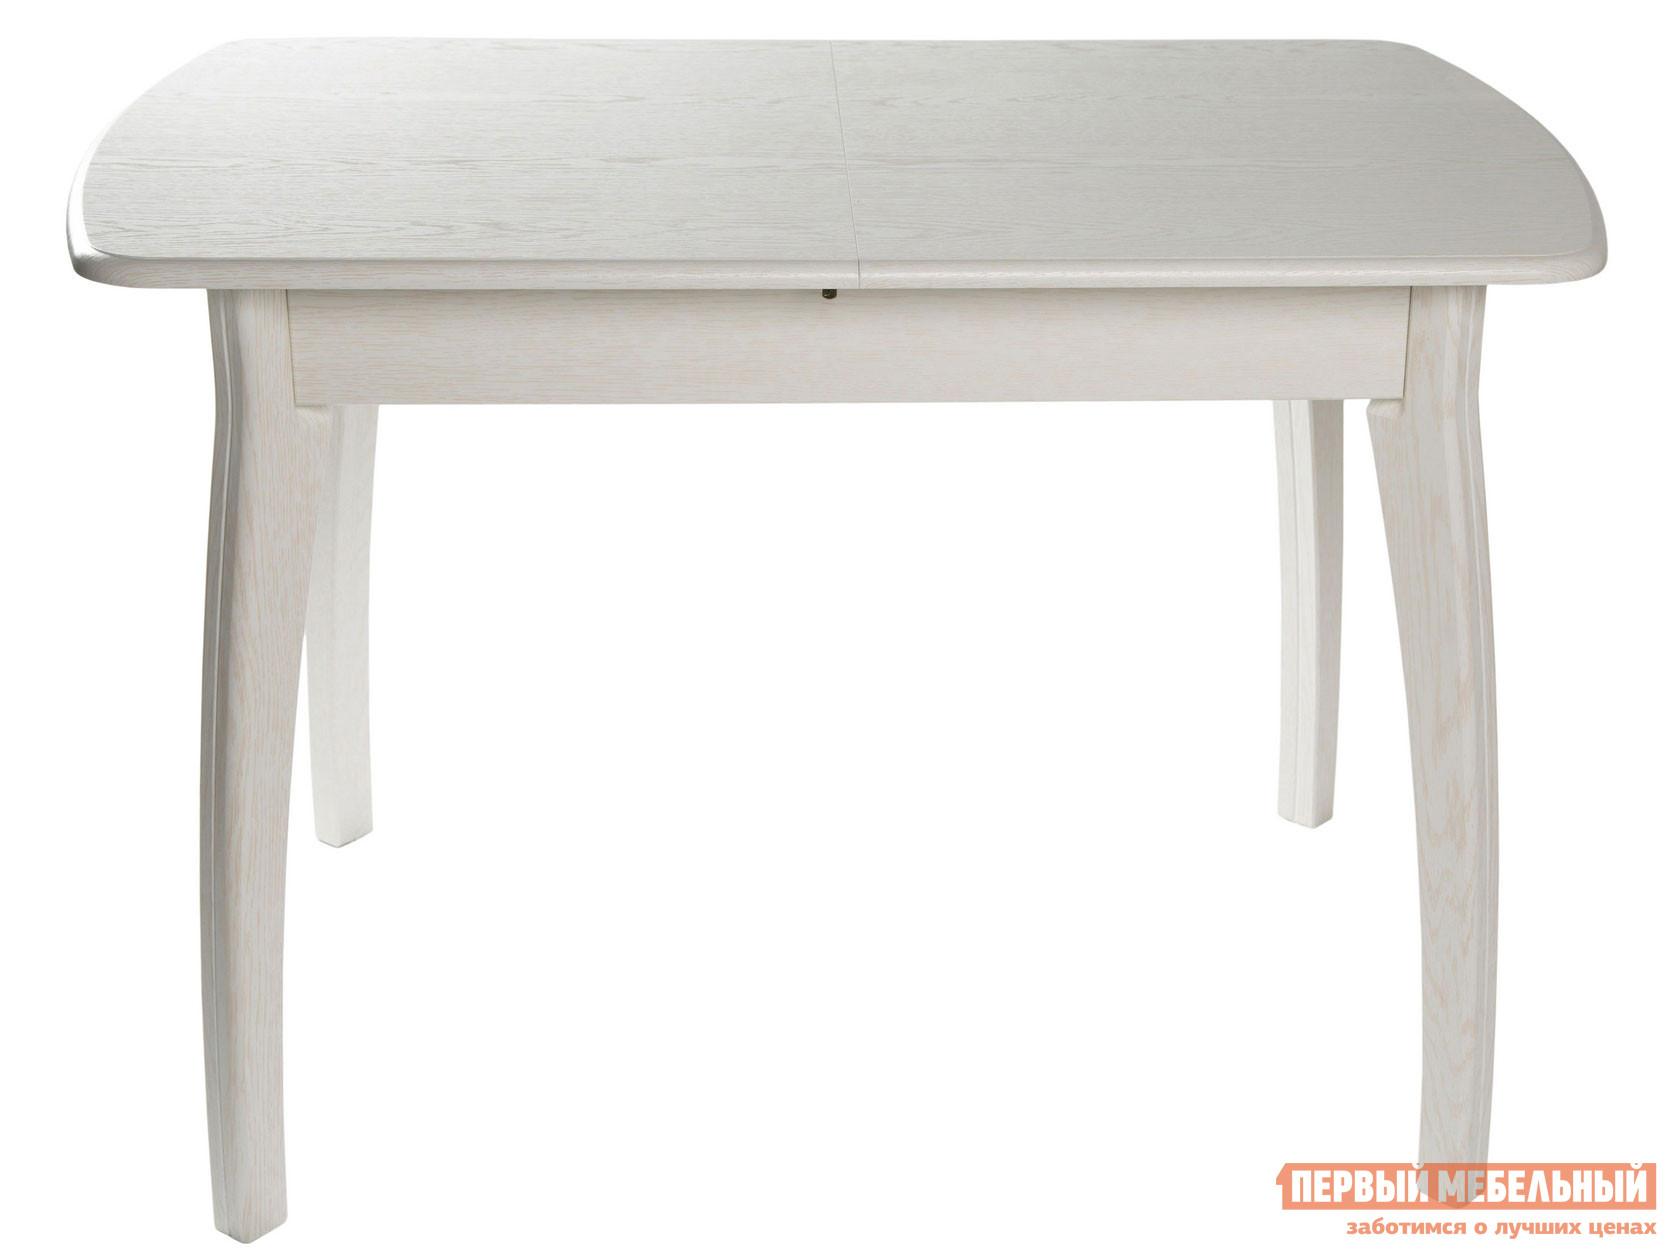 Кухонный стол Линоторг DP-010202301 Стол ДП1-02-02 1130*710 (1430) раздвижной М45 «Верона» МДФ